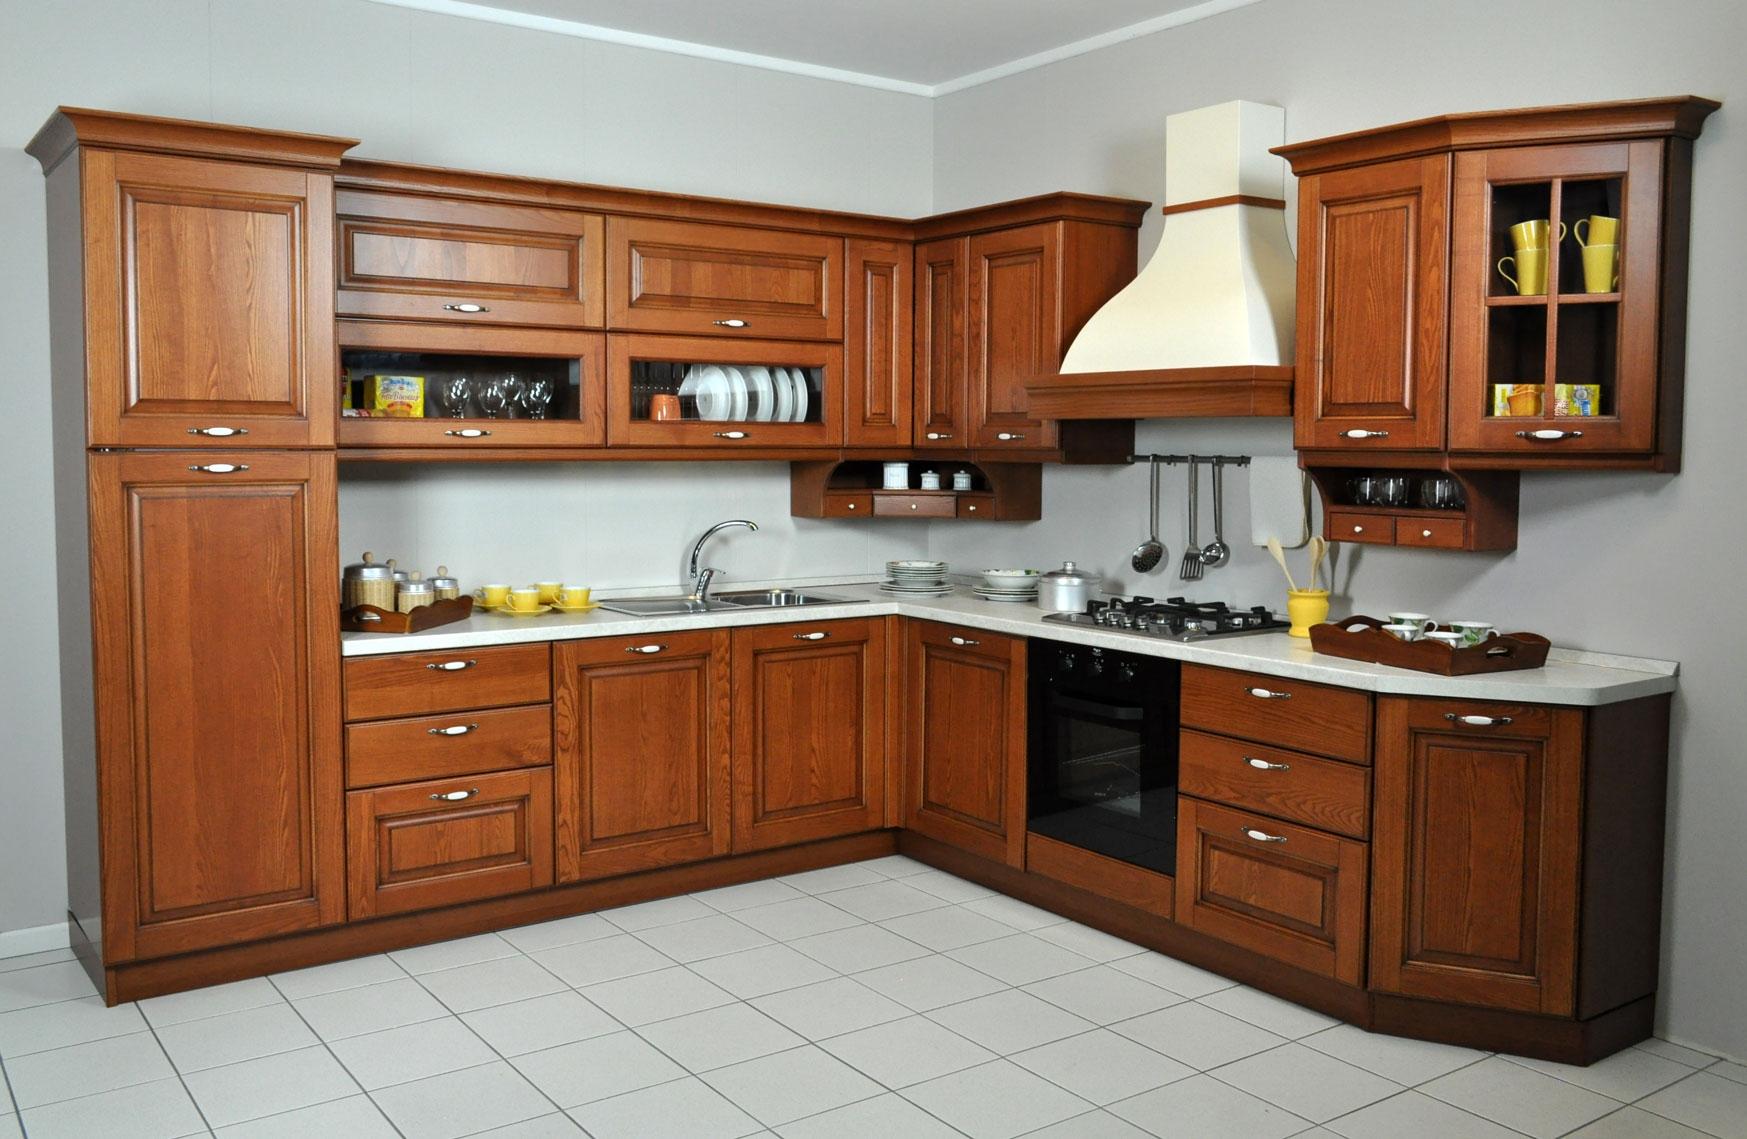 Cucina angolare veneta cucine con elettrodomestici for Cucine e cucine prezzi